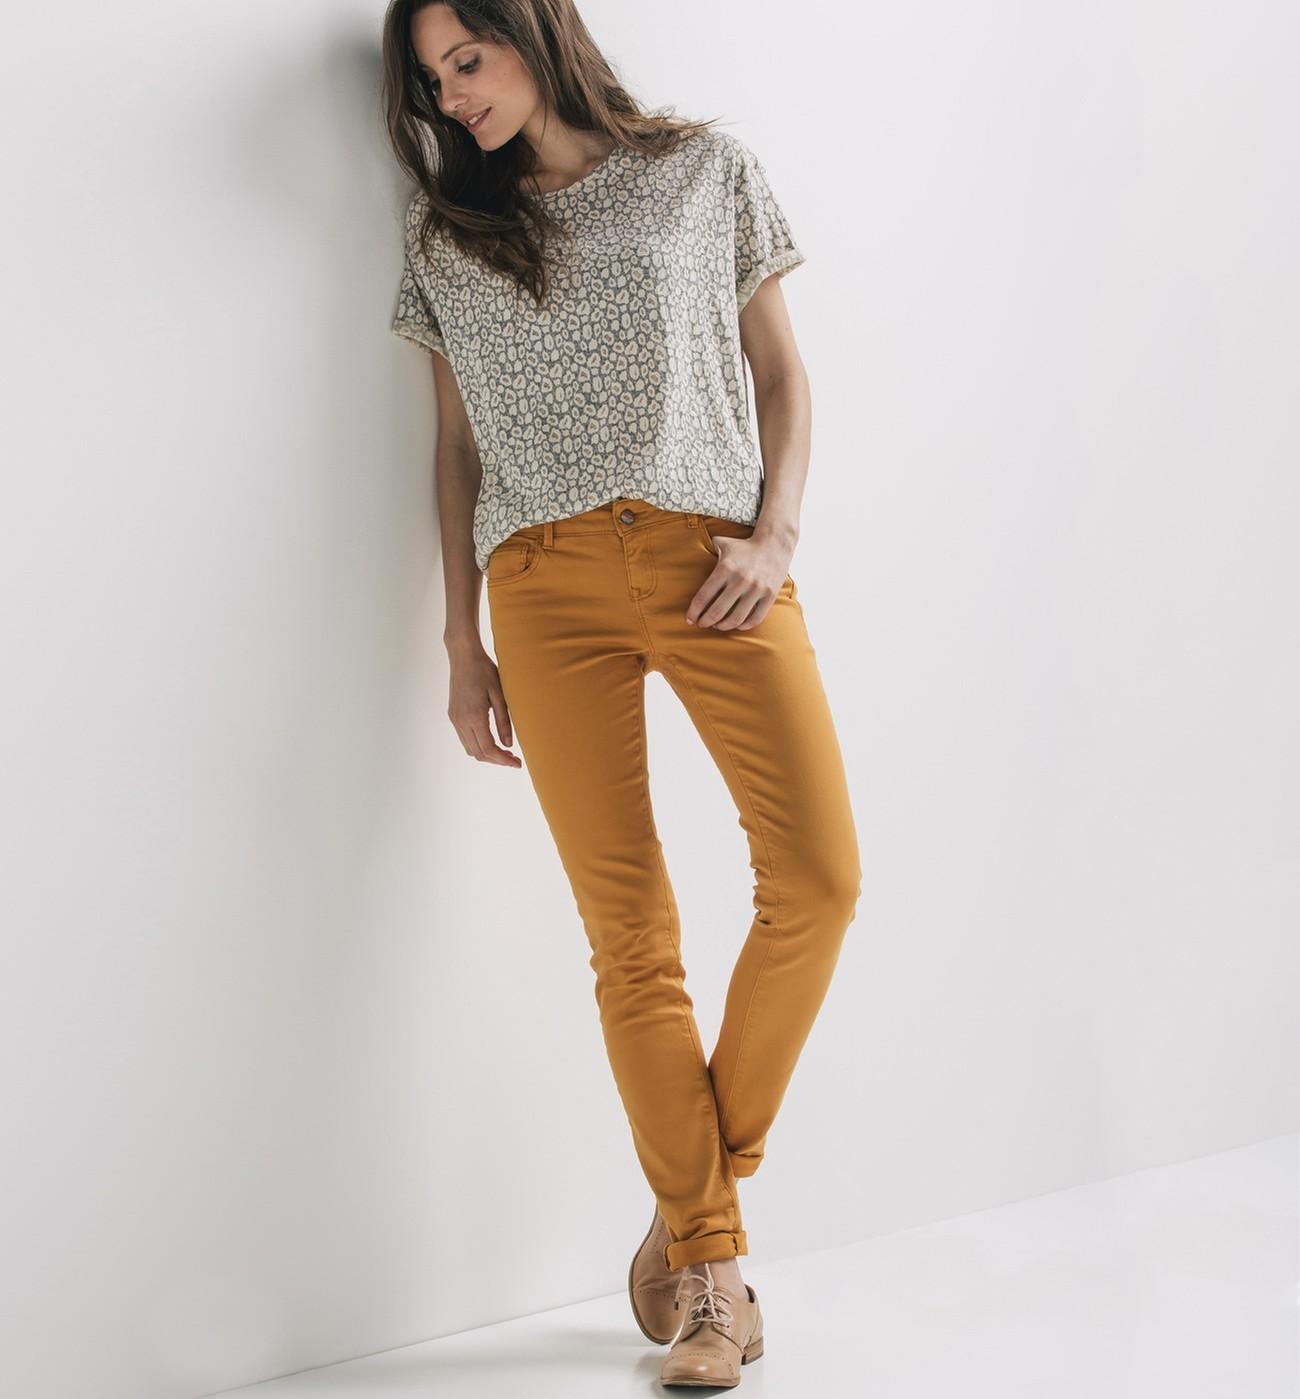 Pantalon femme il ne faut pas le choisir trop large - Que porter avec un pantalon beige femme ...